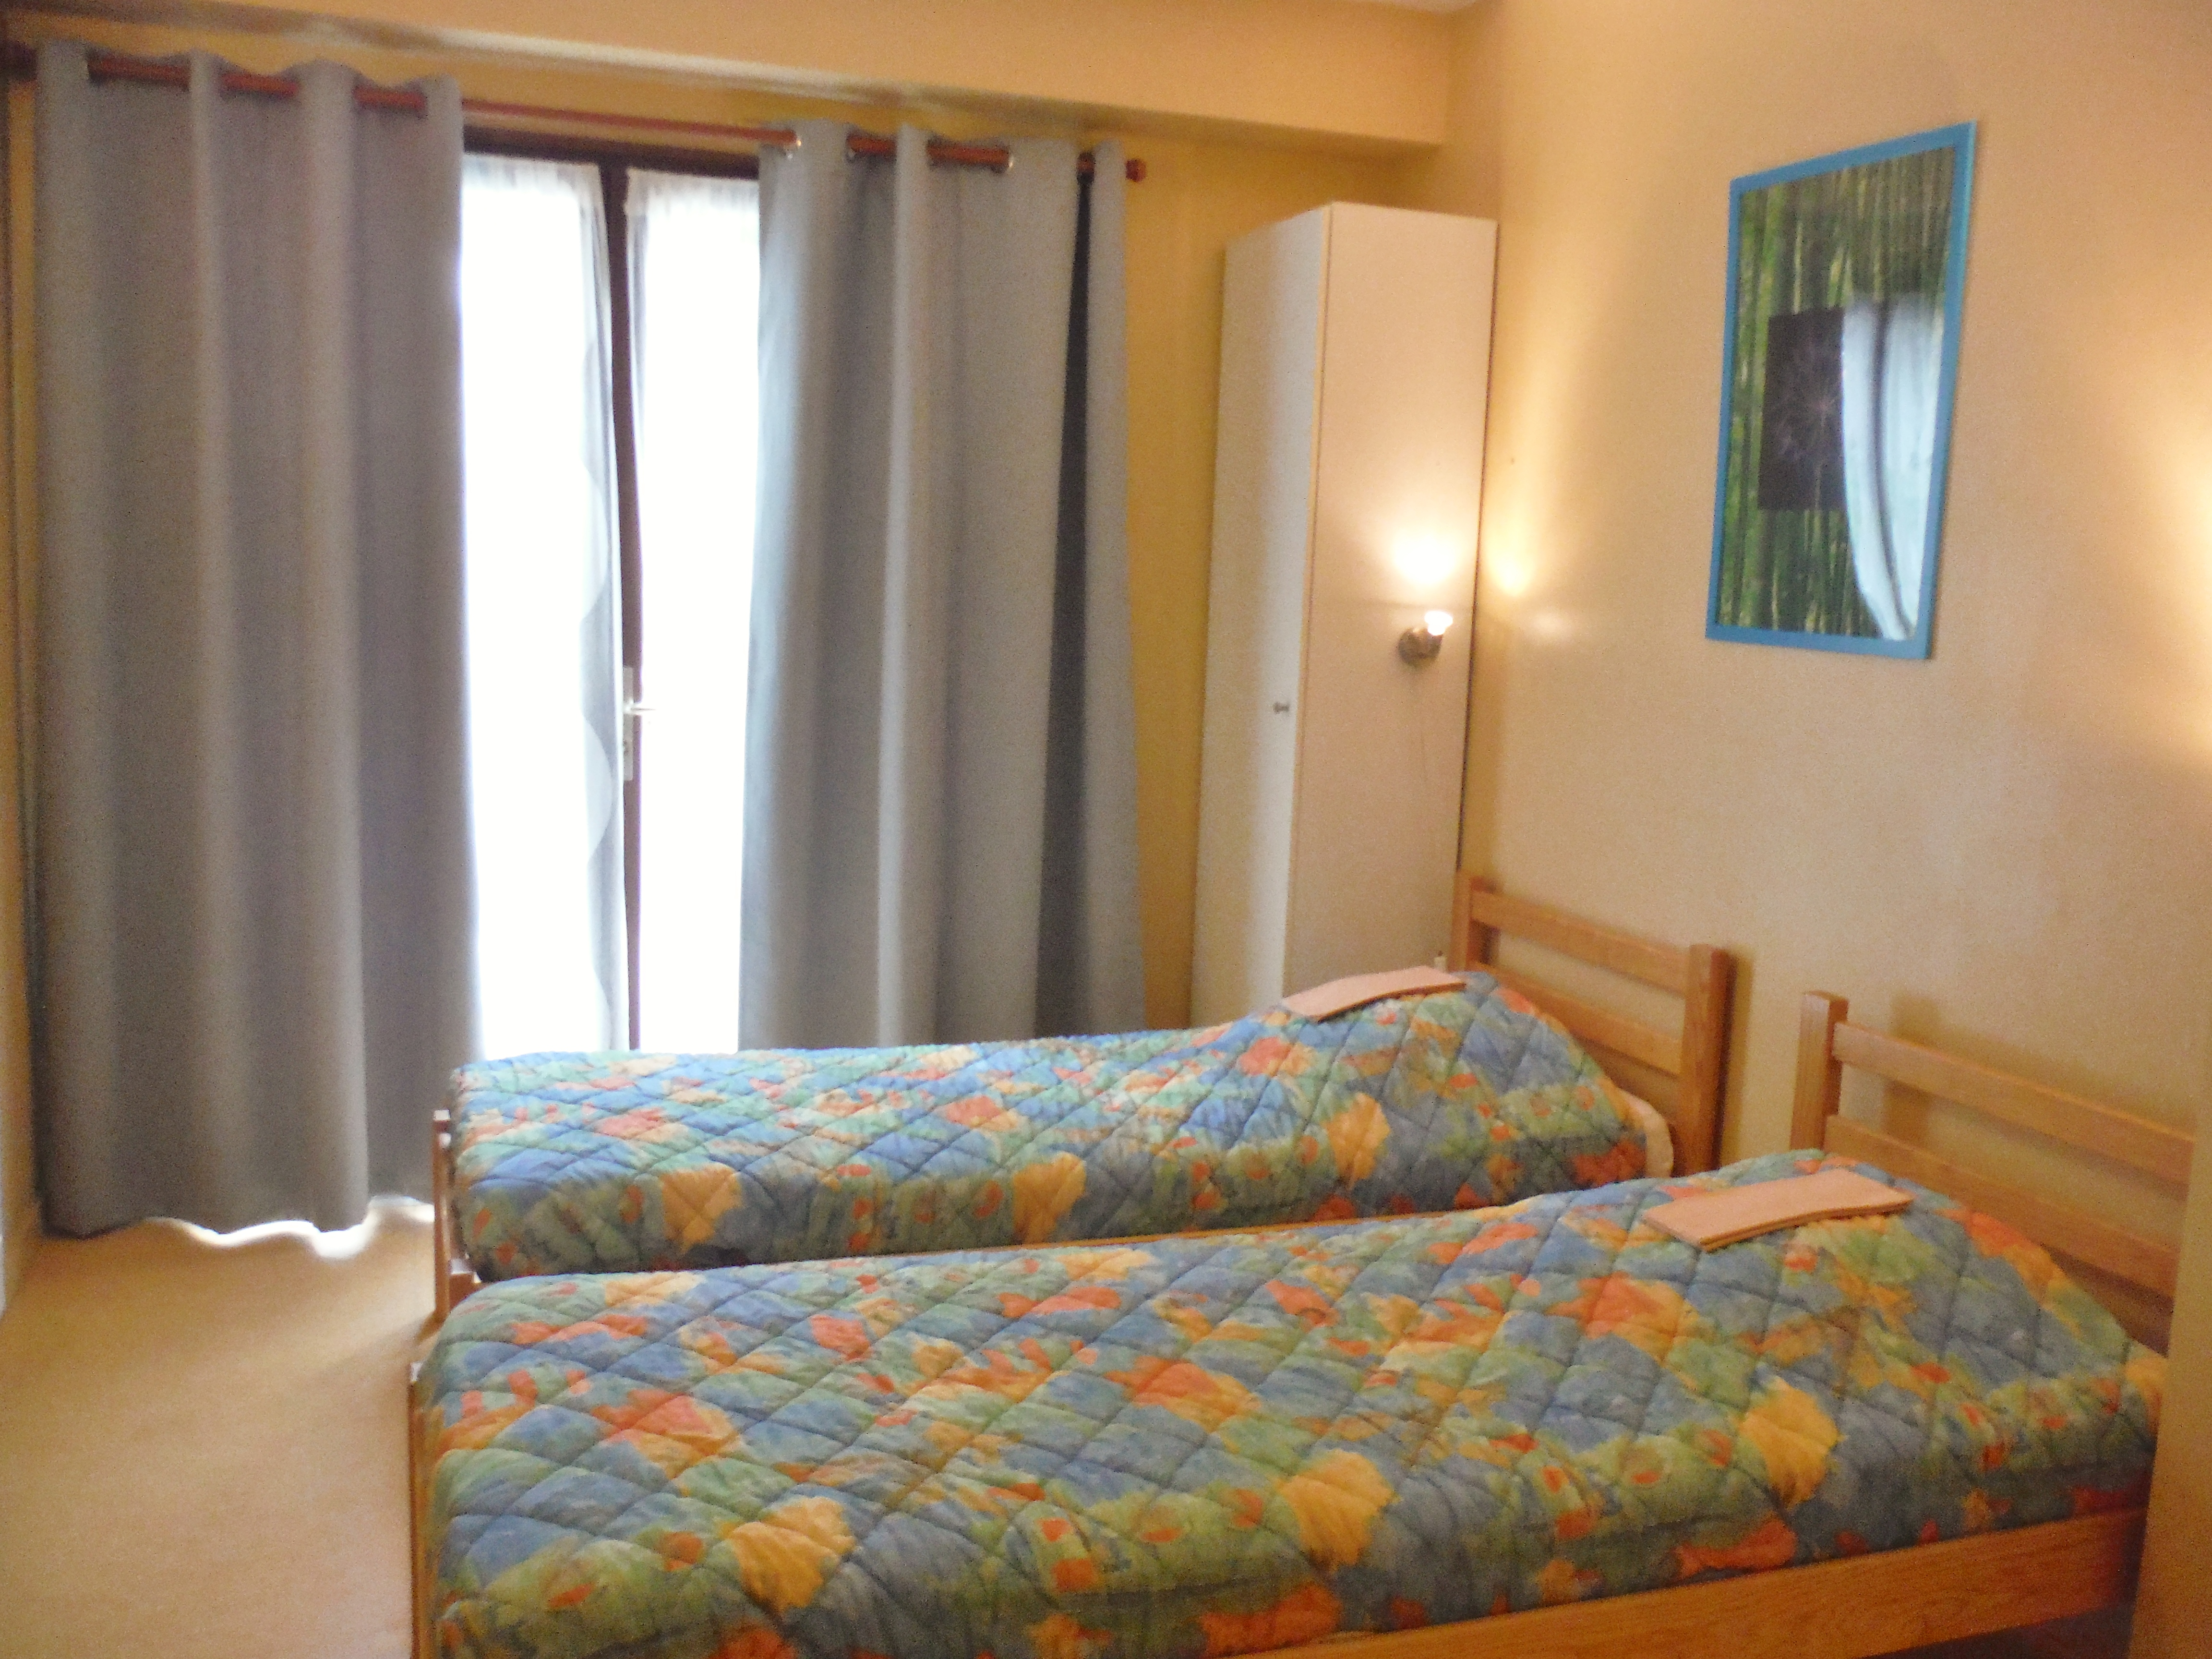 2020-chambre gîte 2/4 places-Gîtes Moulin Neuf-Gétigné-44-levignobledenantes